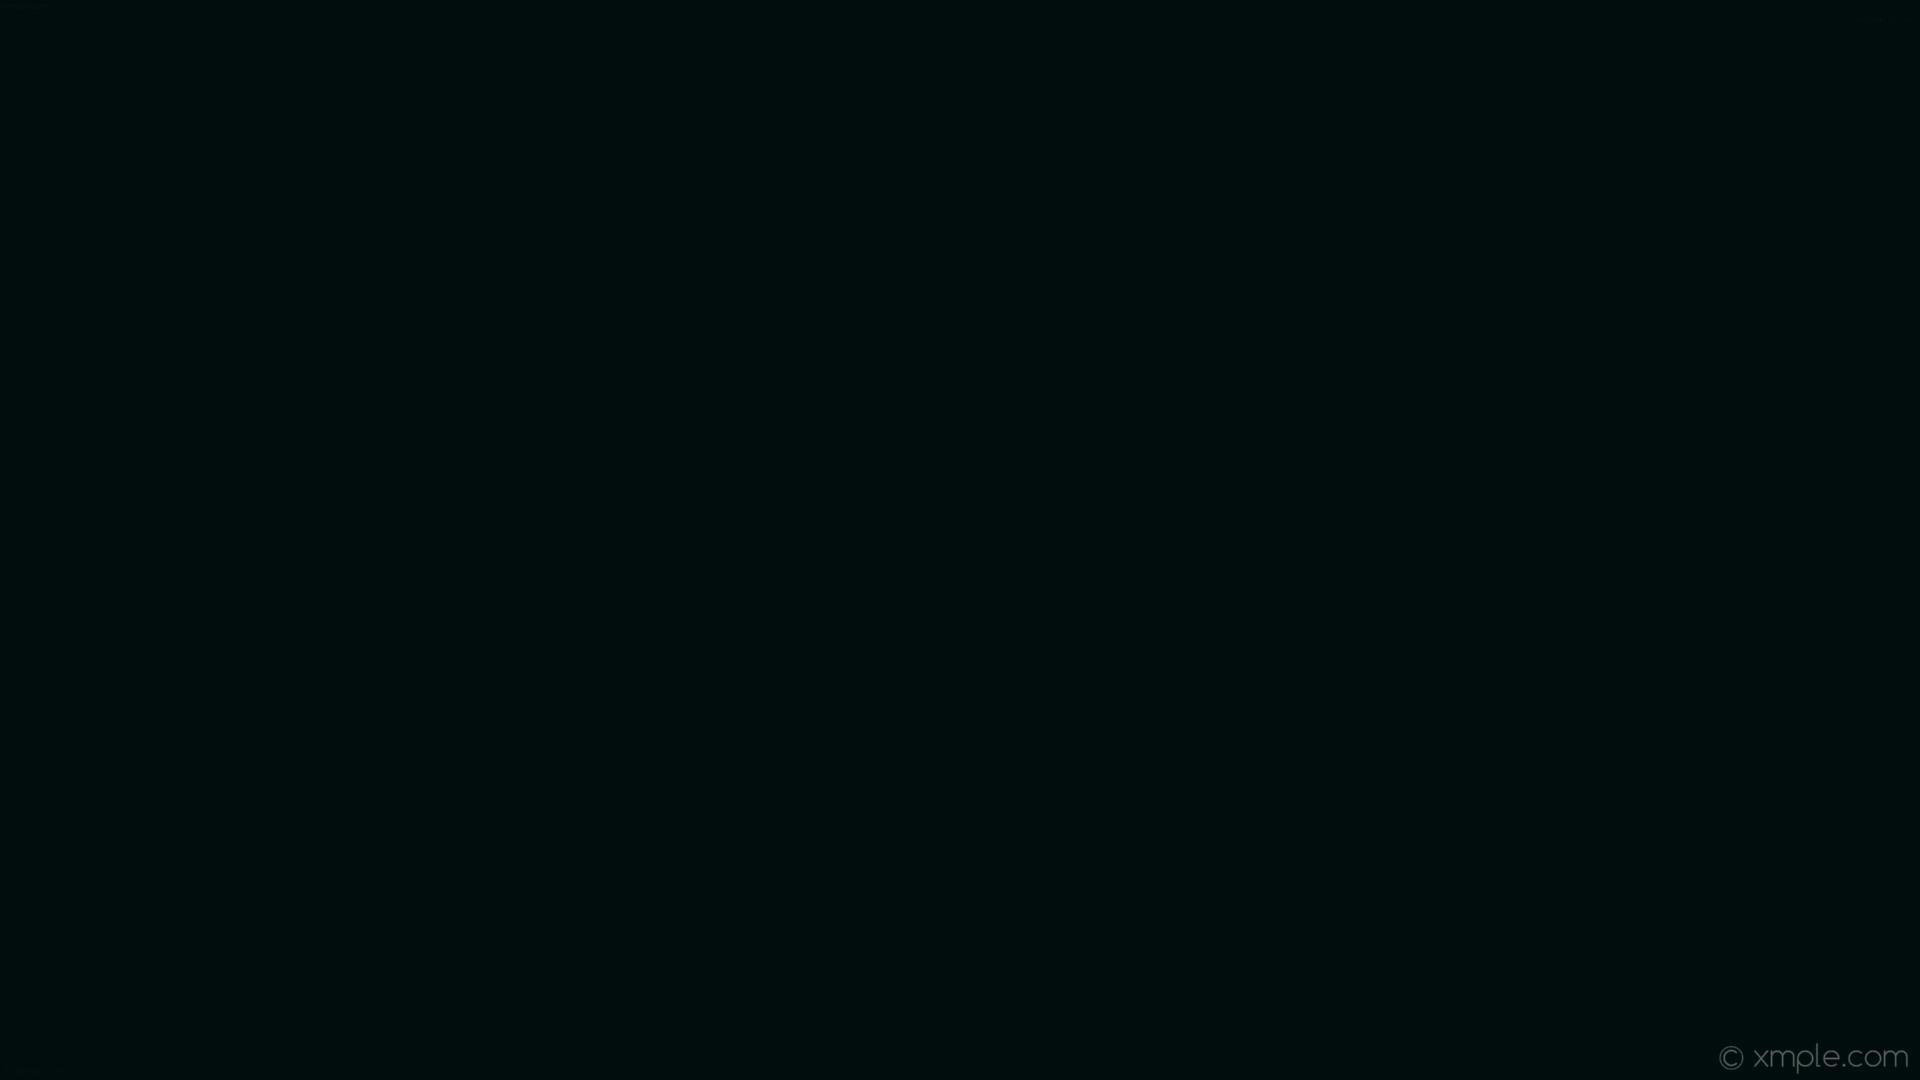 4000 Wallpaper Black In Colour HD